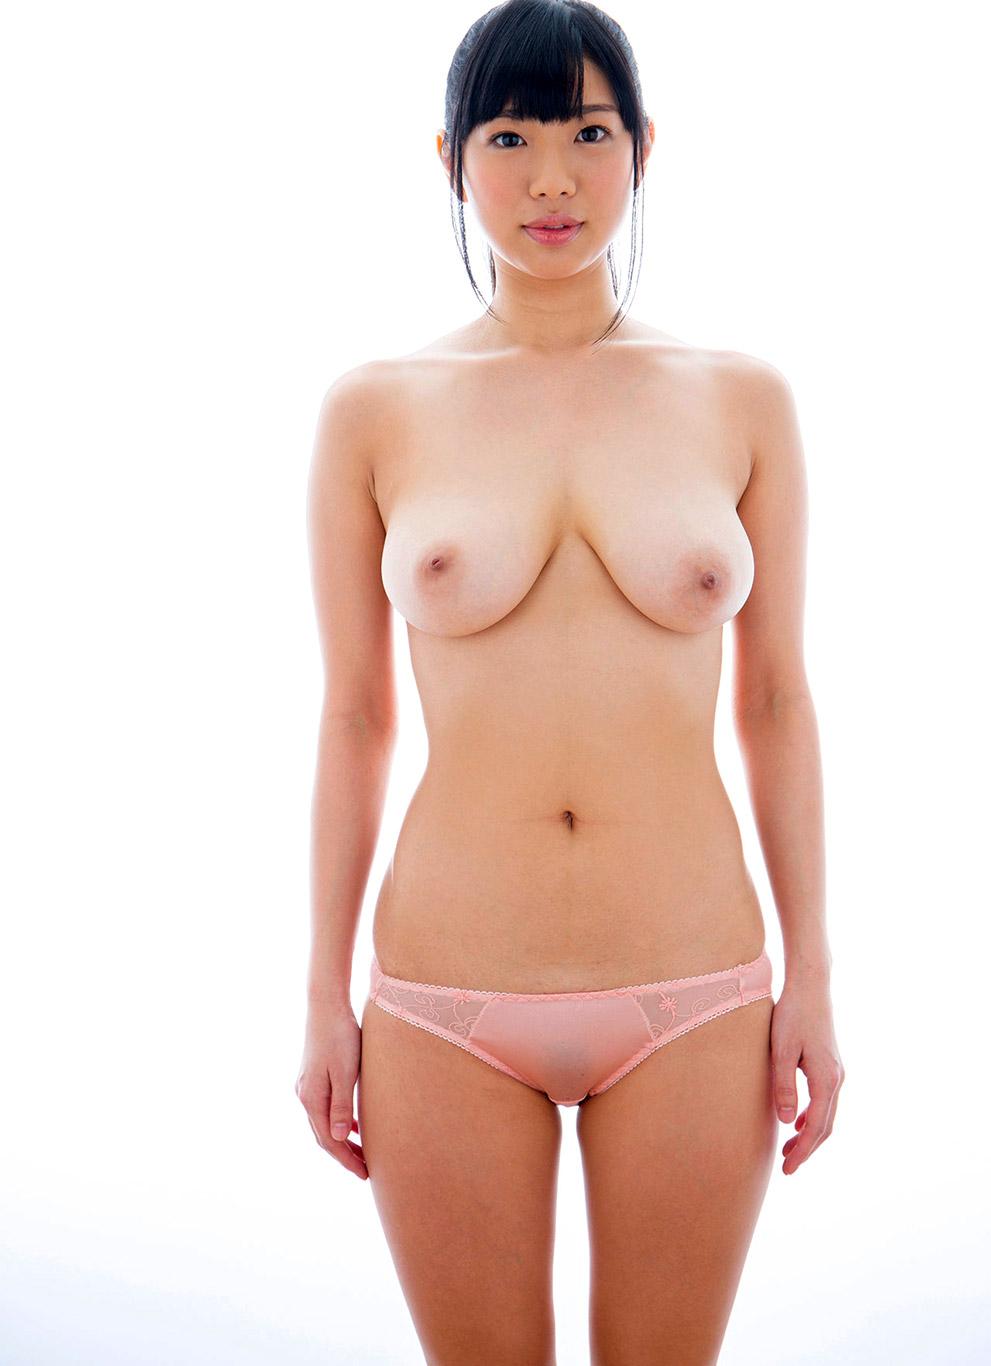 三次元 3次元 エロ画像 AV女優  桐谷まつり ヌード べっぴん娘通信 073